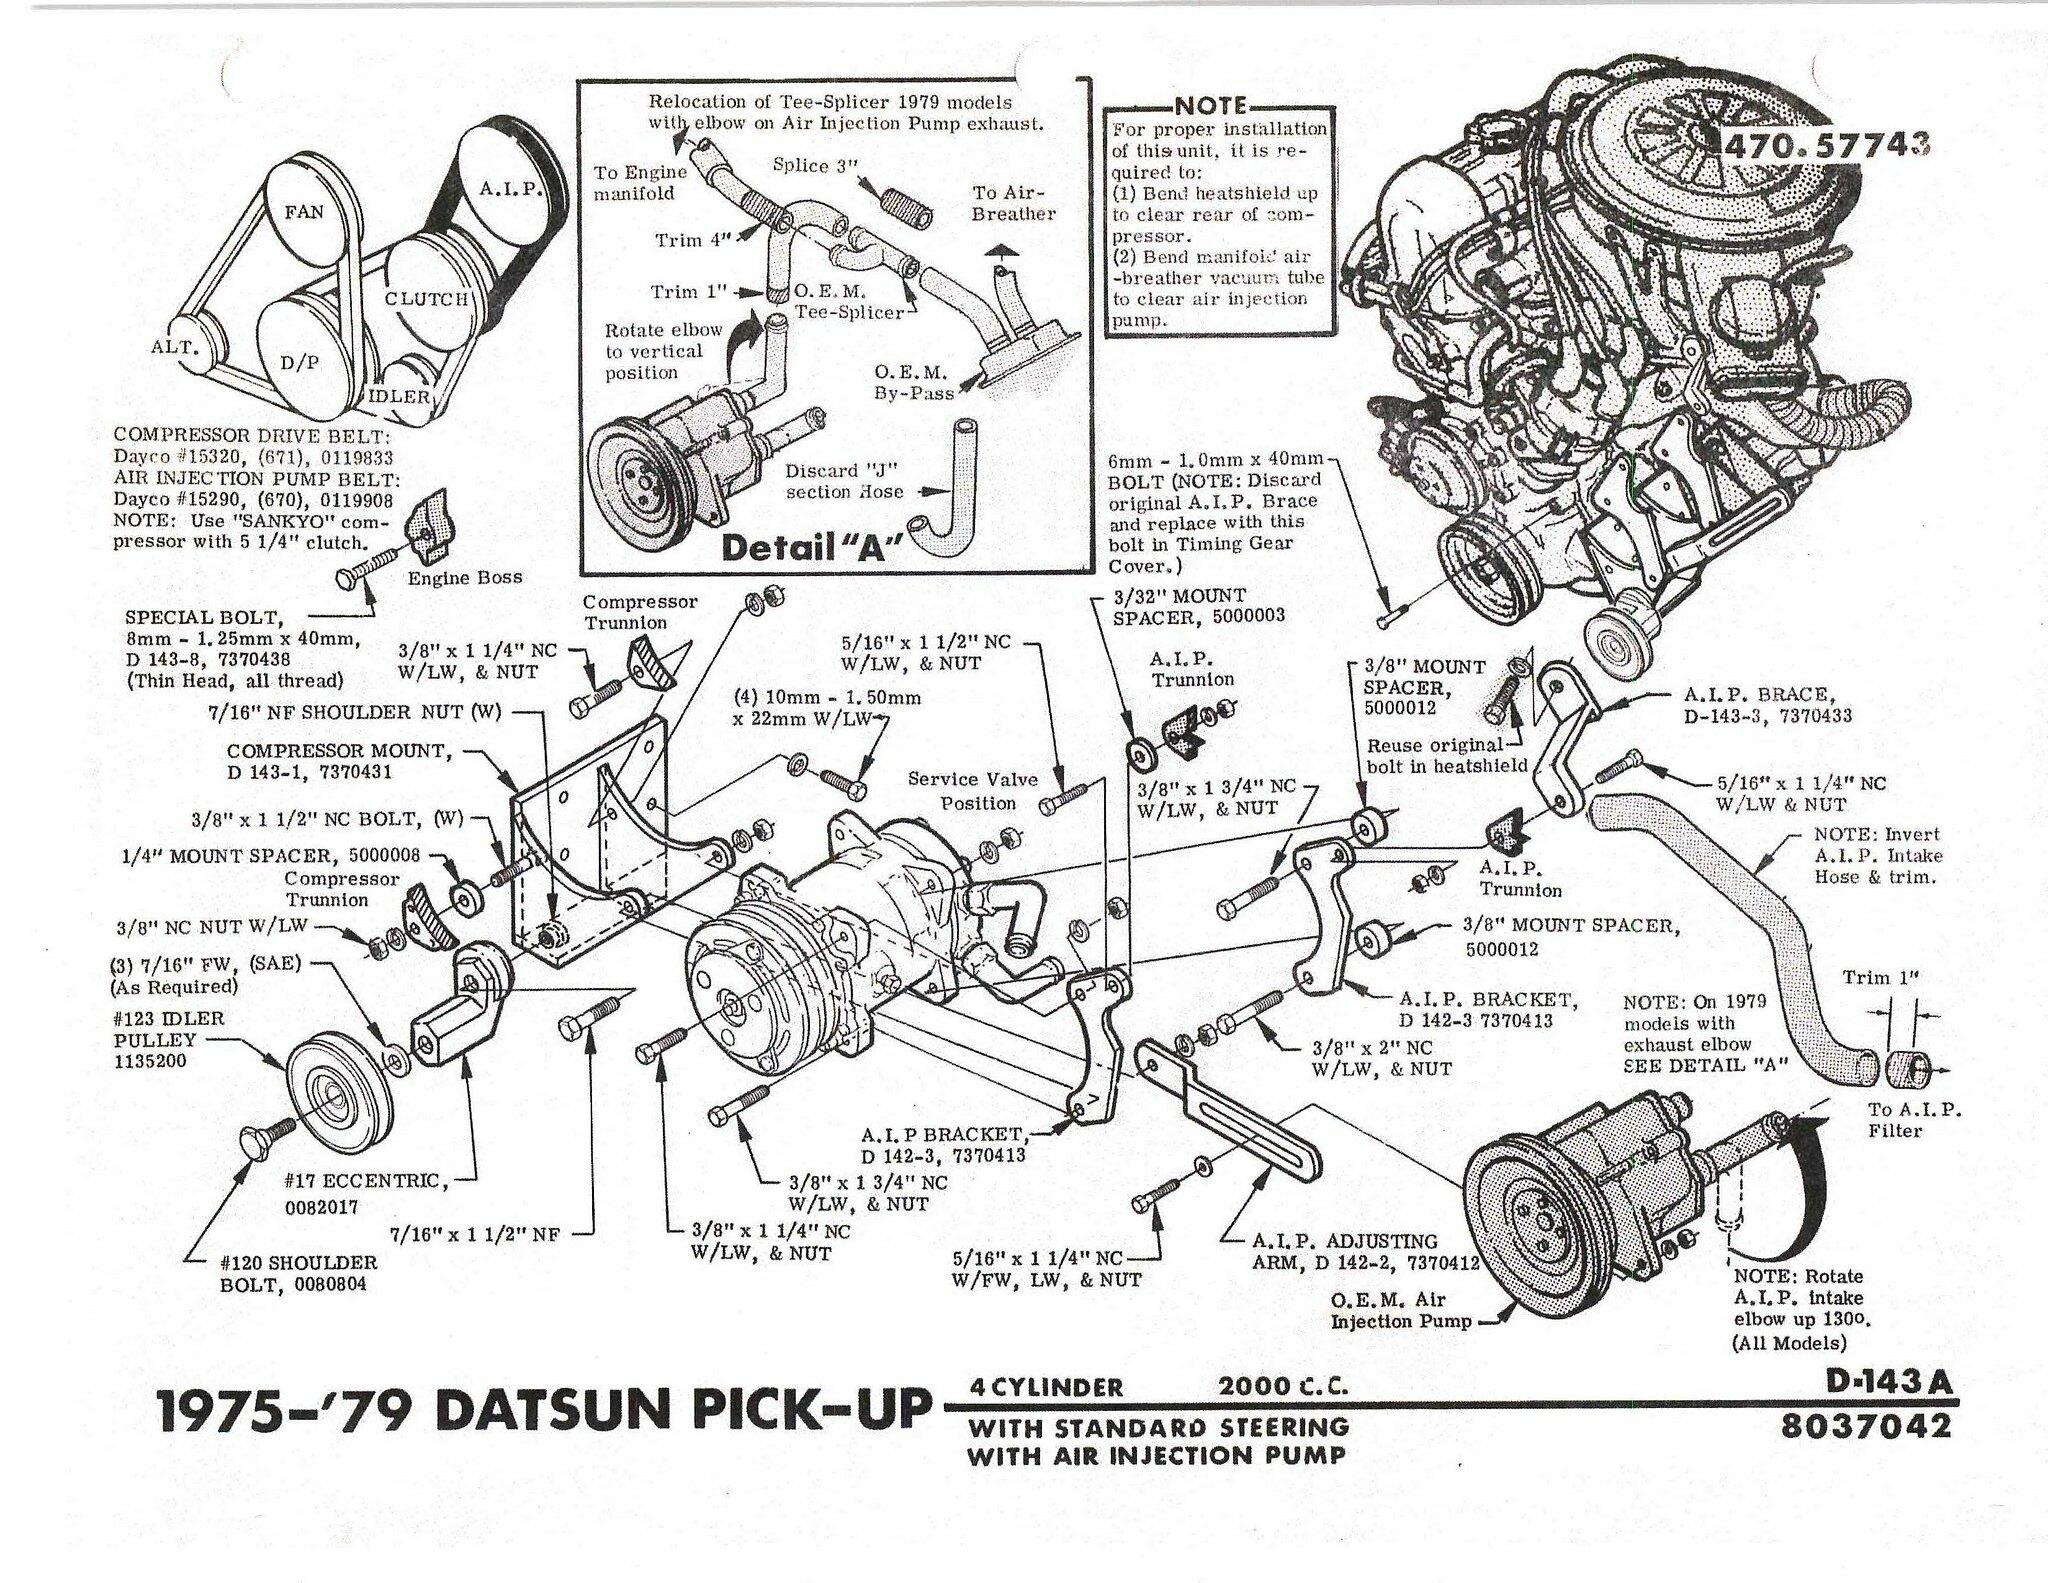 620 A C Compressor Mount